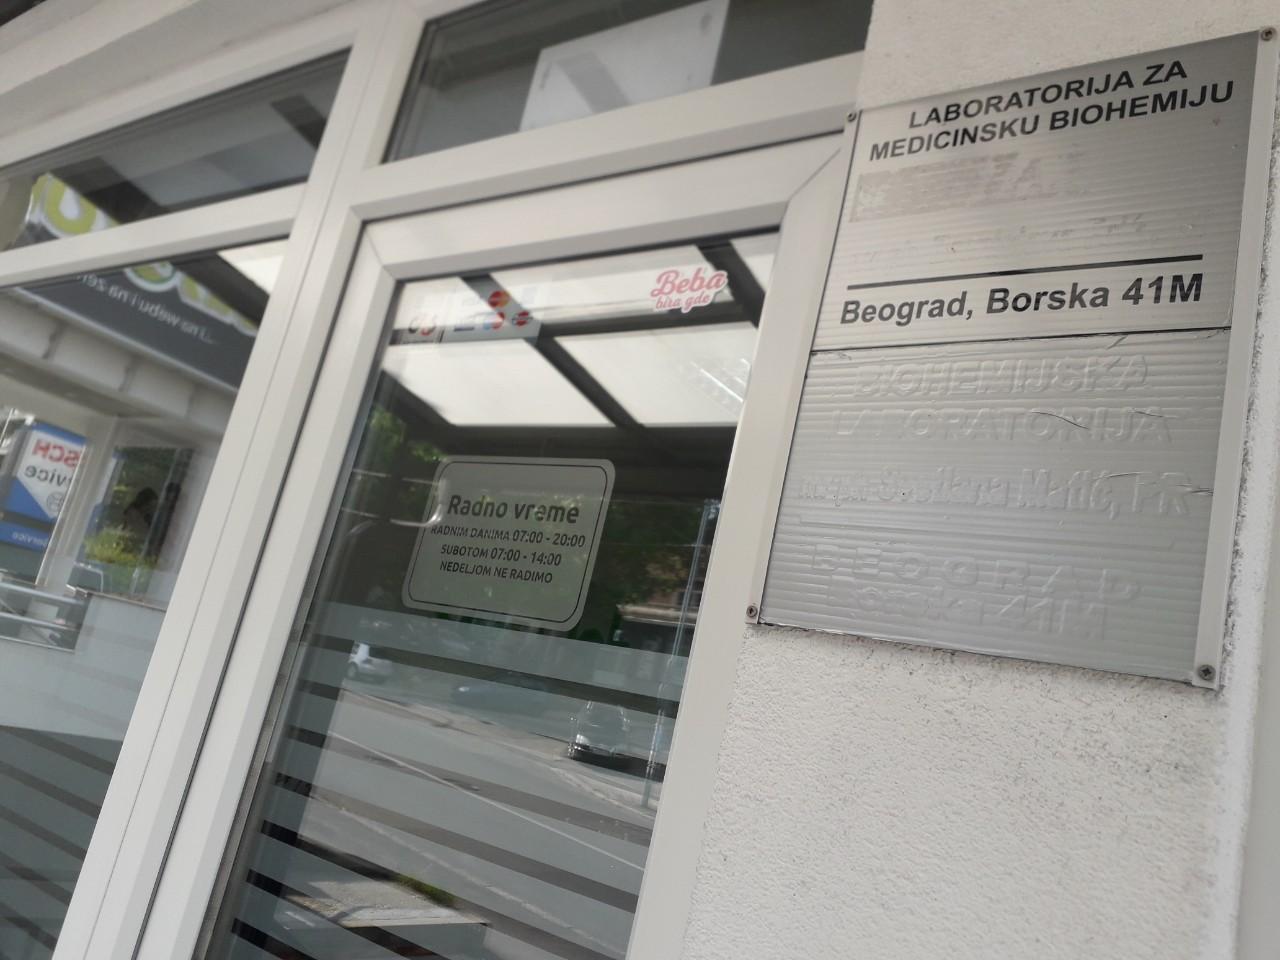 Beo-lab laboratorija Rakovica, Borska 41M 3